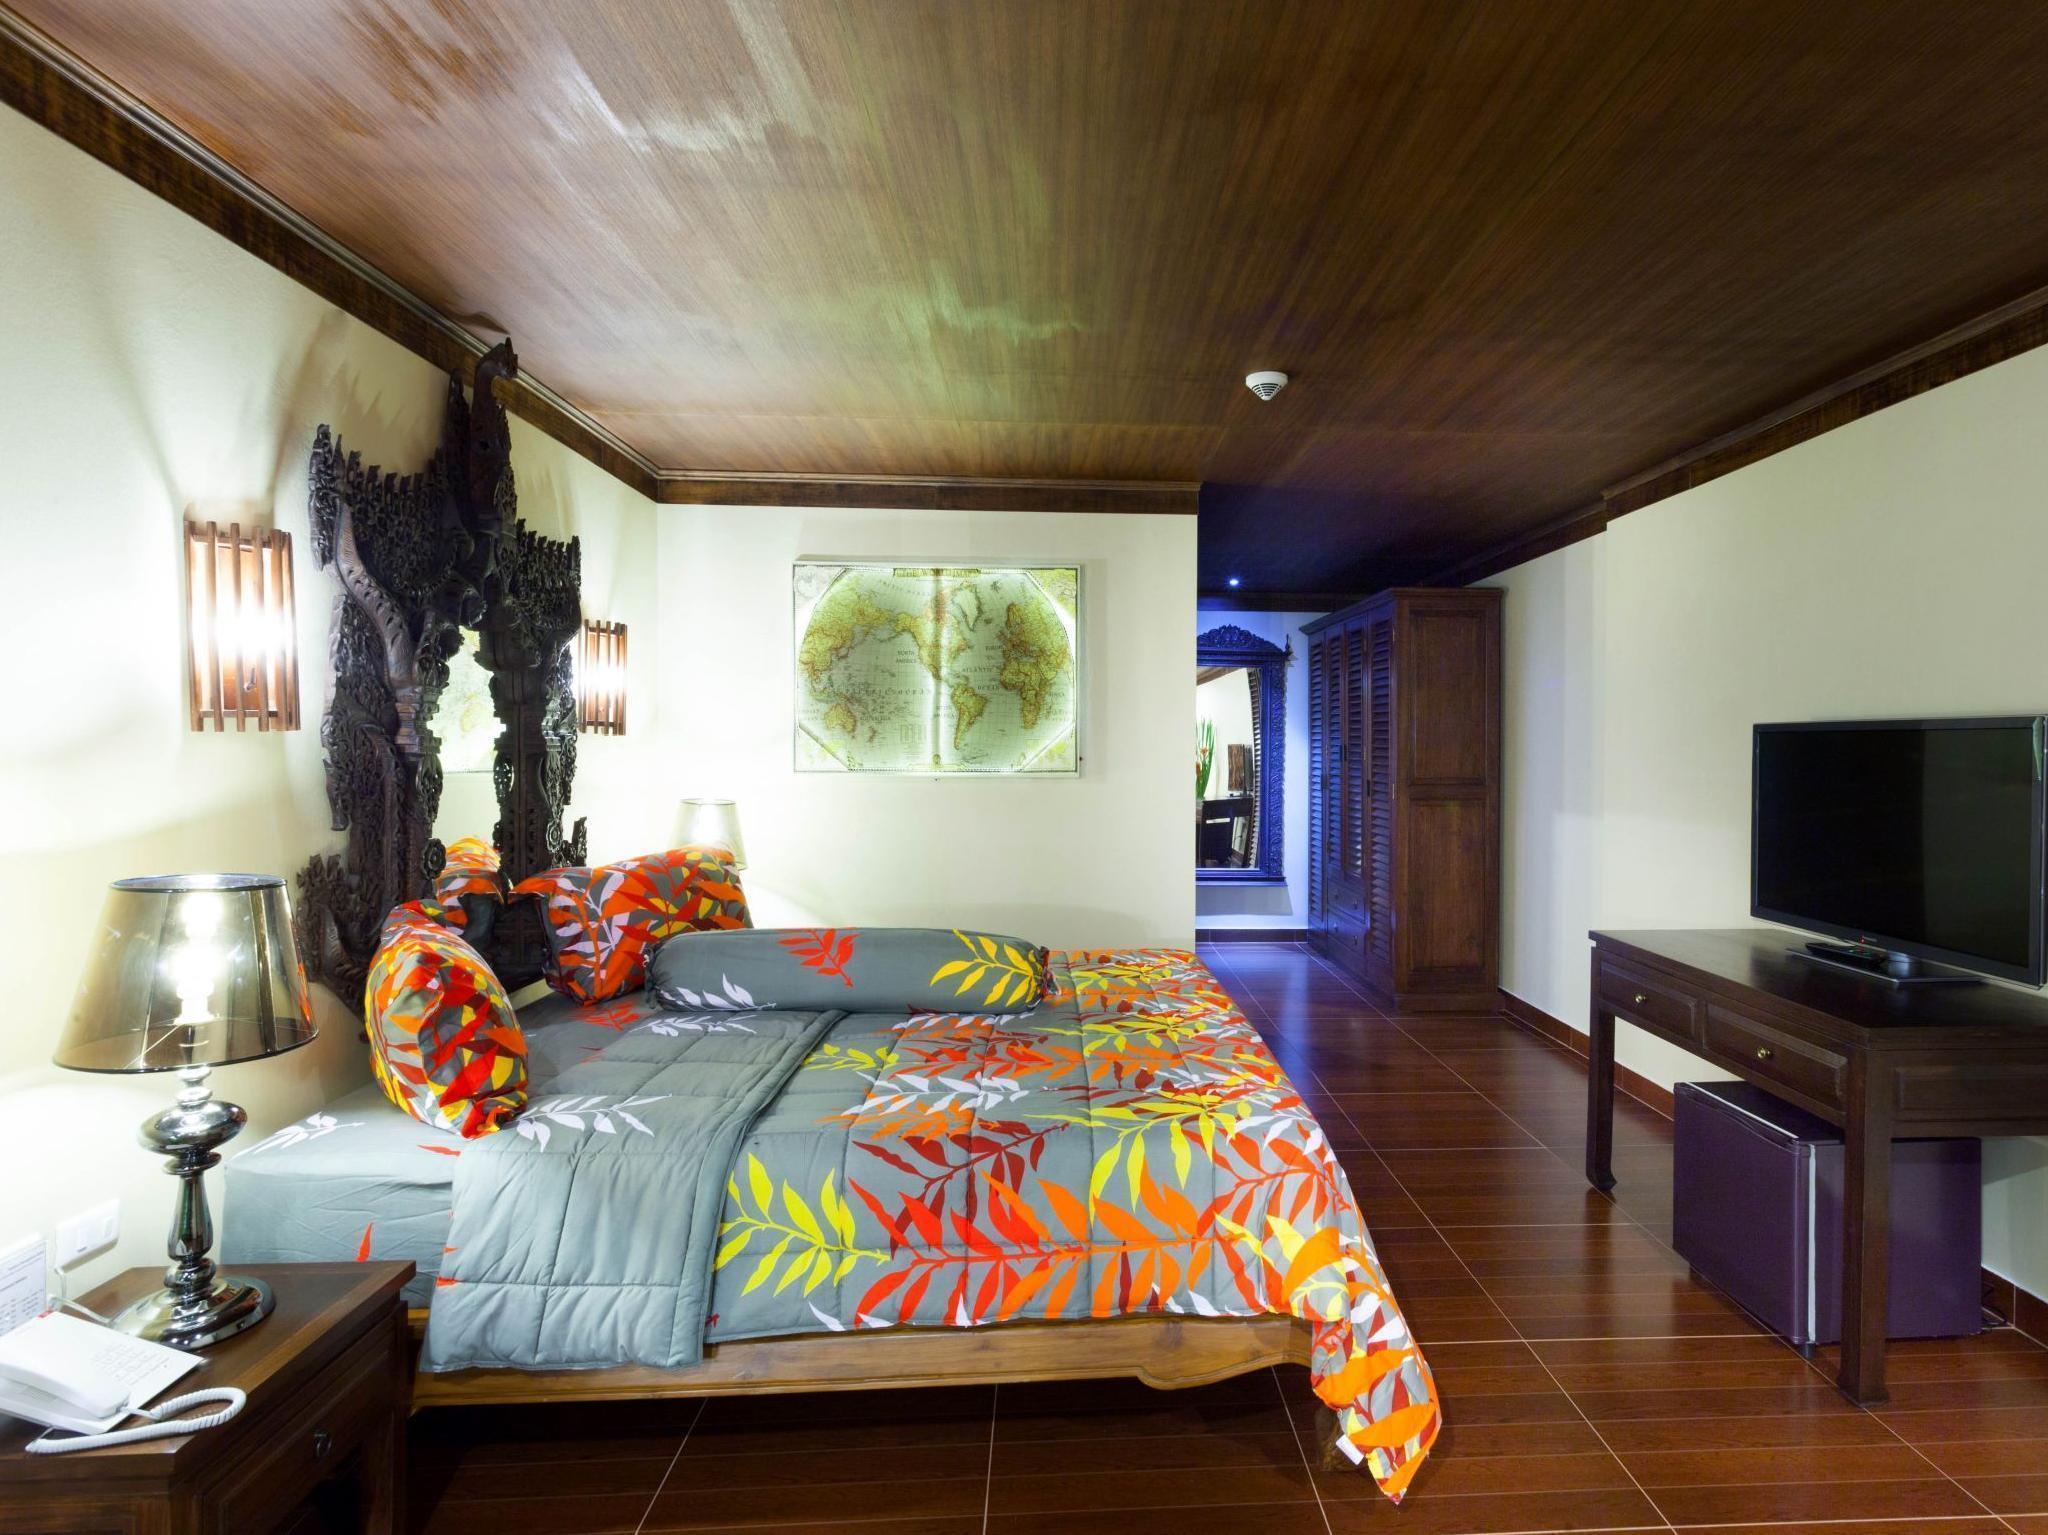 Tropica Bungalow Hotel ทรอปิคานา บังกะโล โฮเต็ล